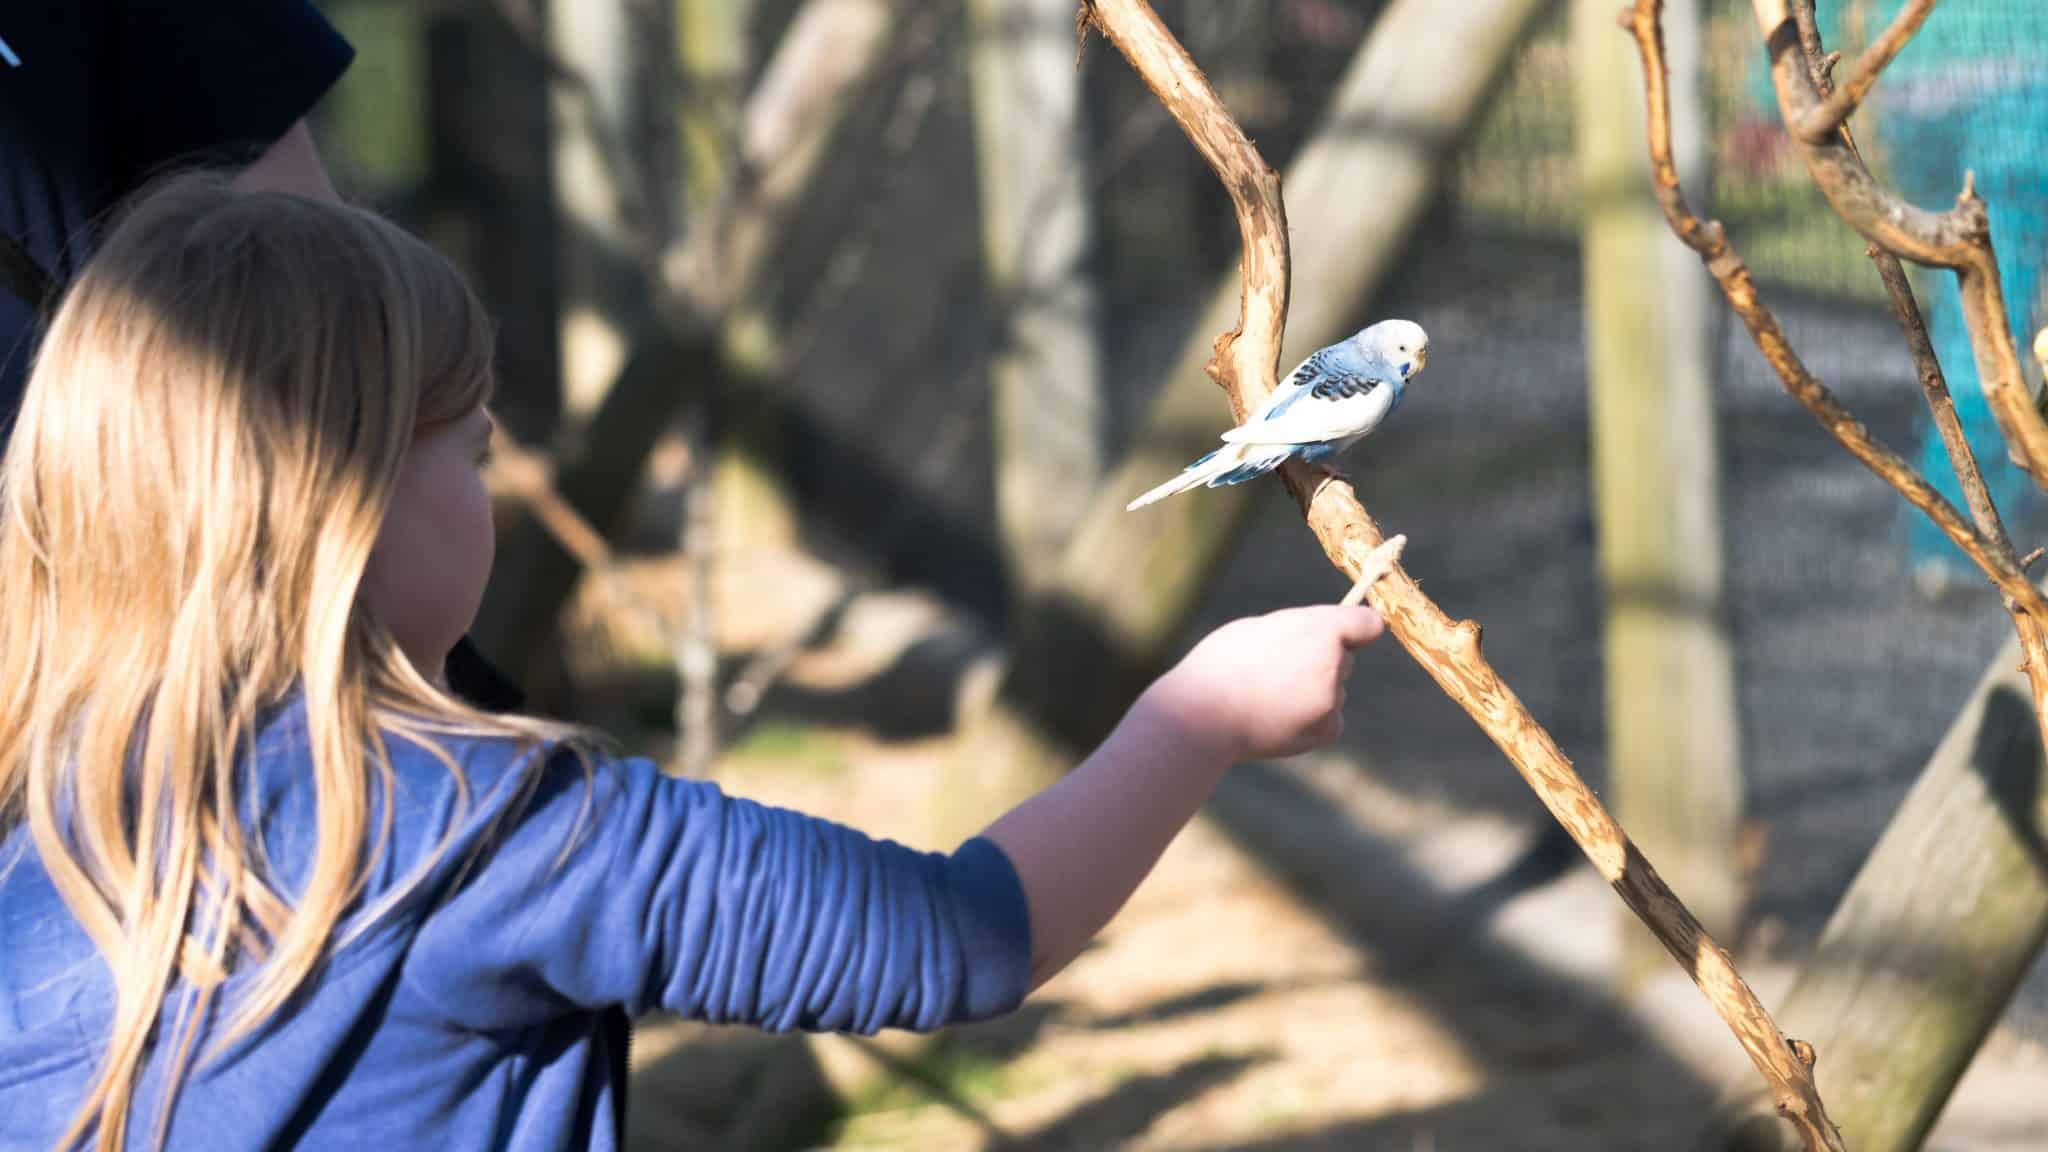 holding parakeet